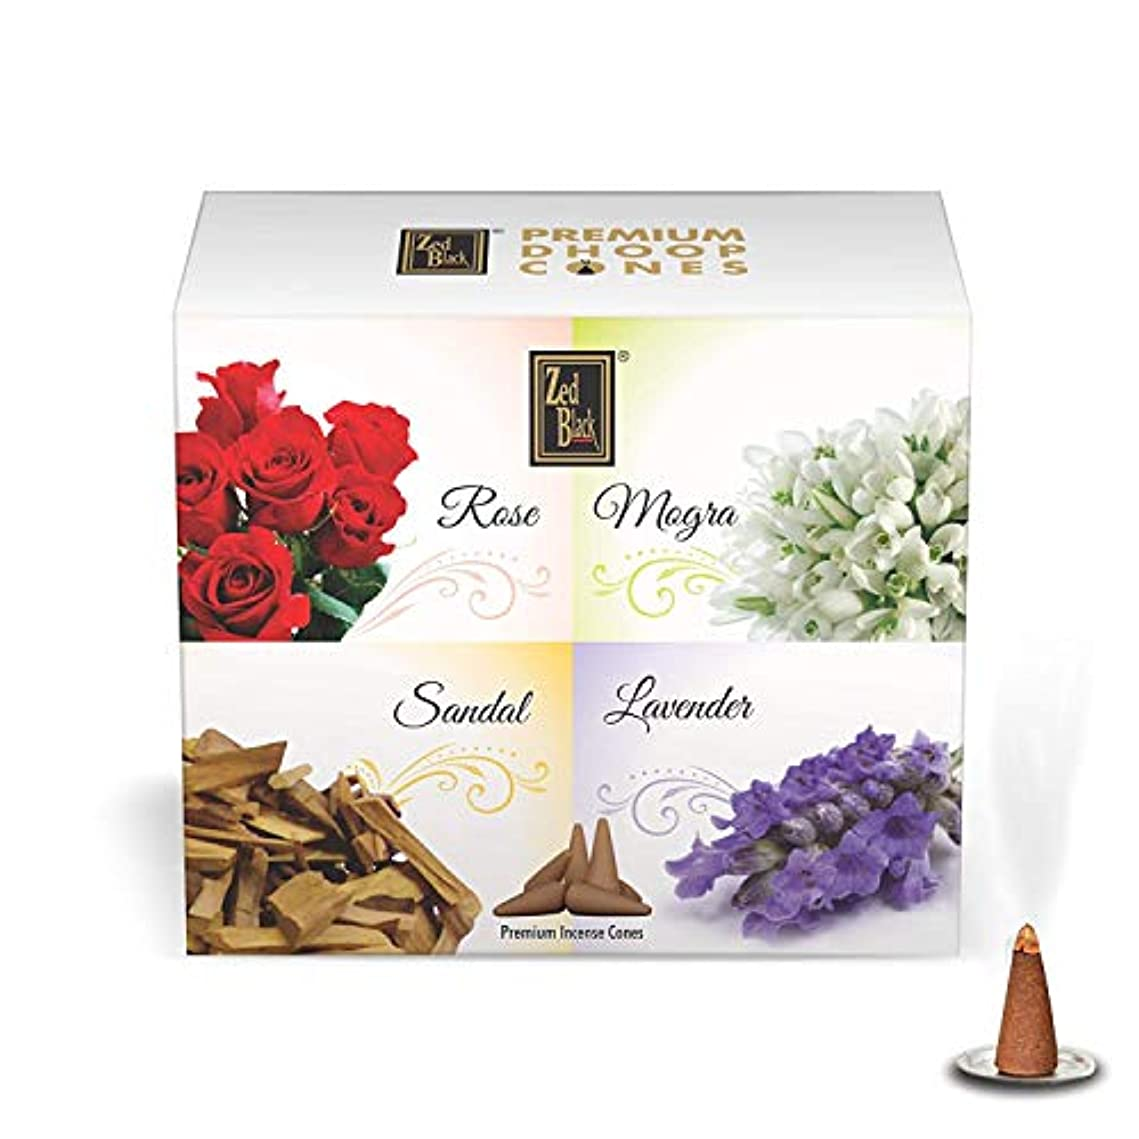 ファントムアプライアンスメーターZed Black Dhoop Cones Boxes (Rose, Mogra, Sandal and Lavender) - Pack of 12